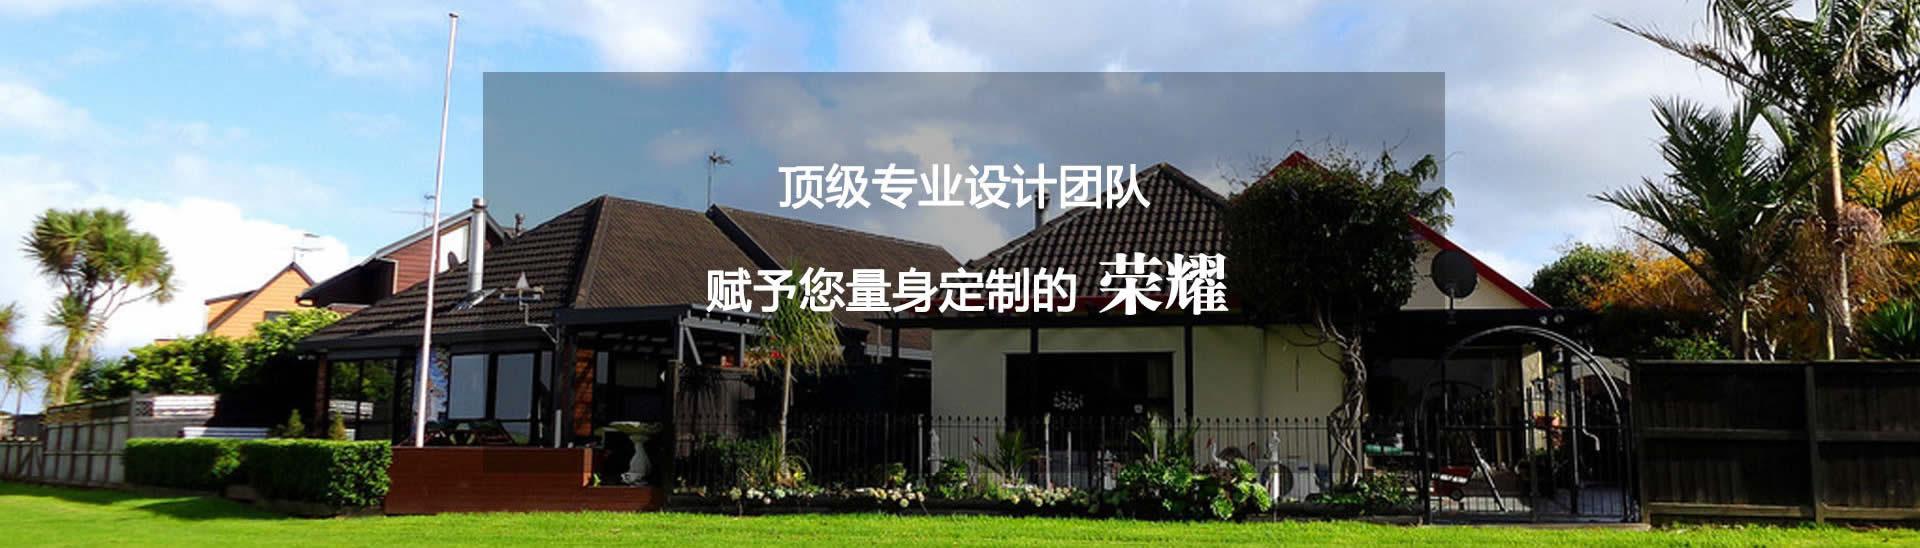 青岛别墅装修